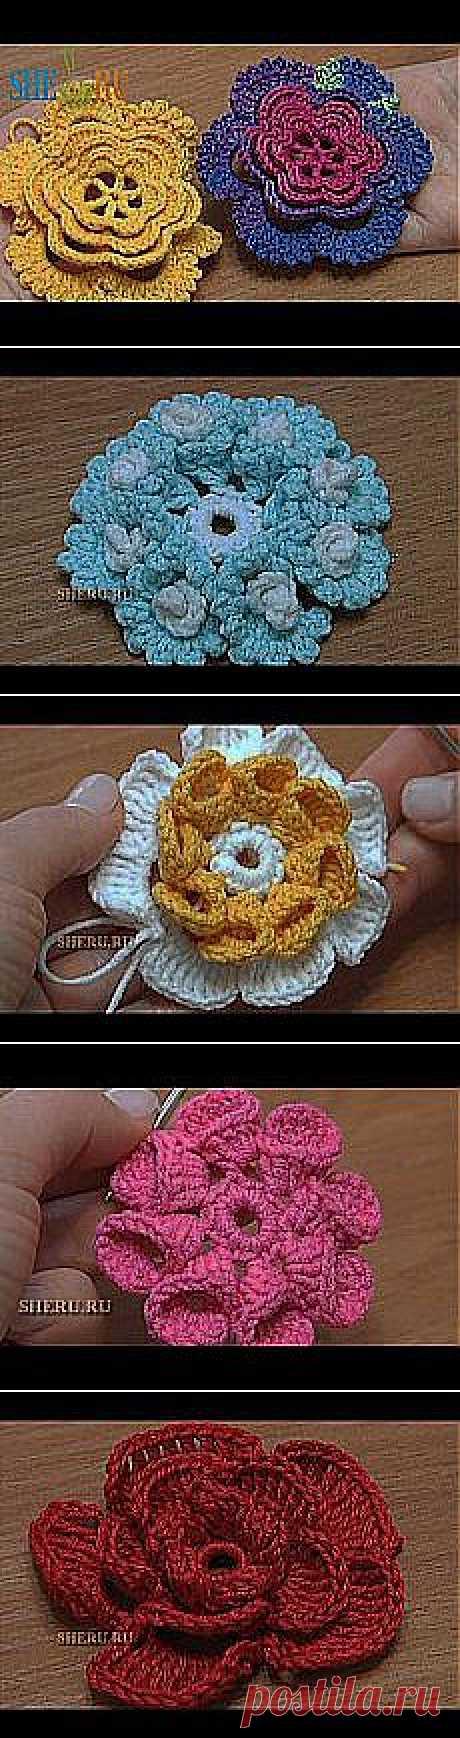 наталья слонова: вязание цветов крючком | Postila.ru